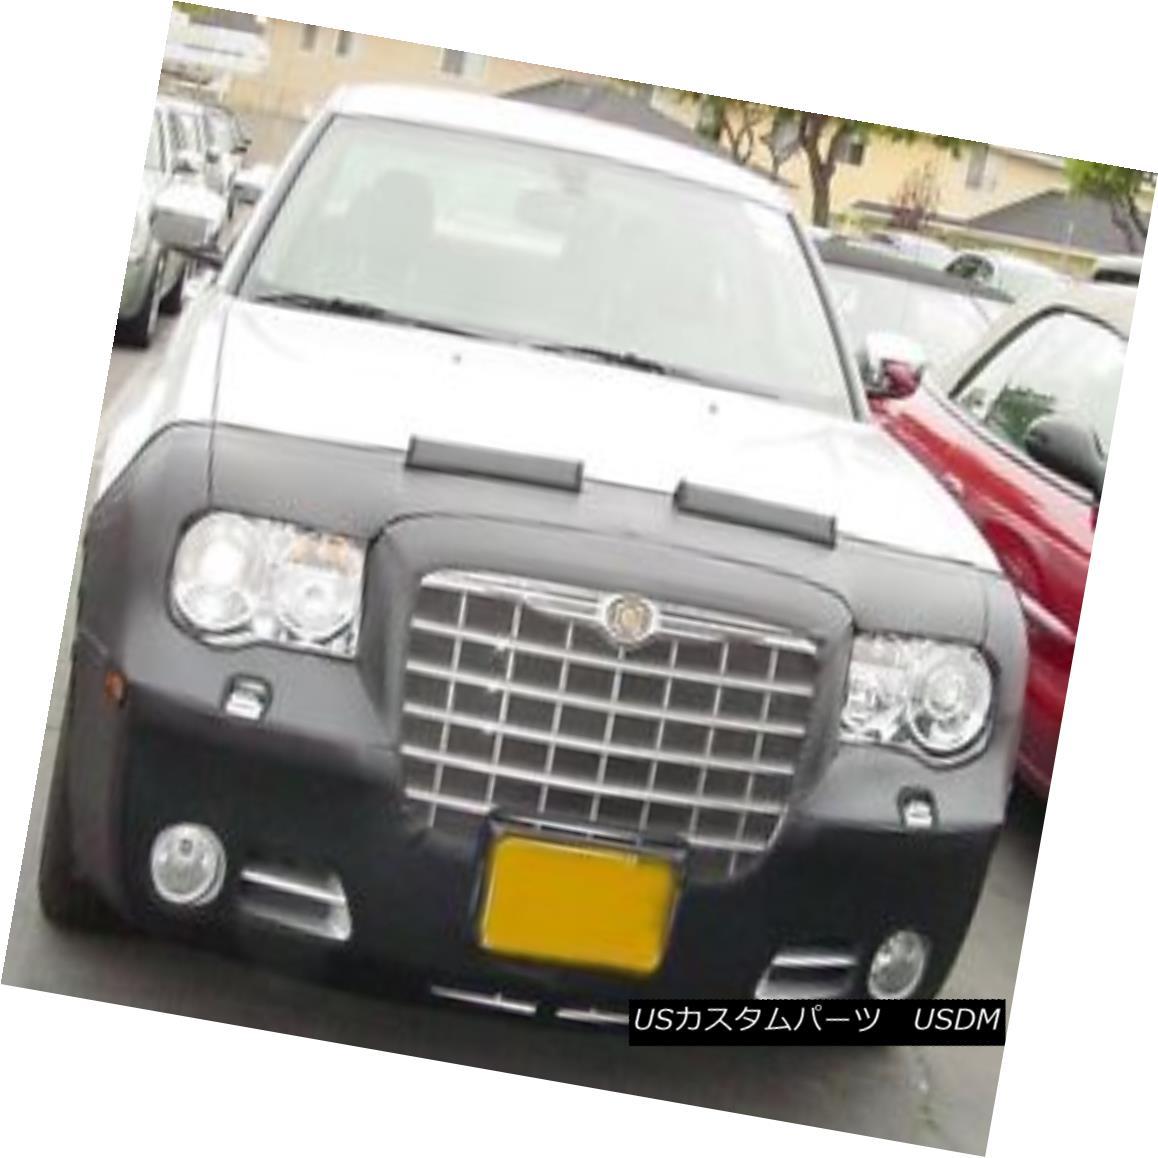 フルブラ ノーズブラ Colgan Front End Mask Bra 2pc. Fits Chrysler 300C Sedan & Hemi 05-2010 W/OTAG コルガンフロントエンドマスクブラ2pc クライスラー300Cセダン& Hemi 05-2010 W / OTAG